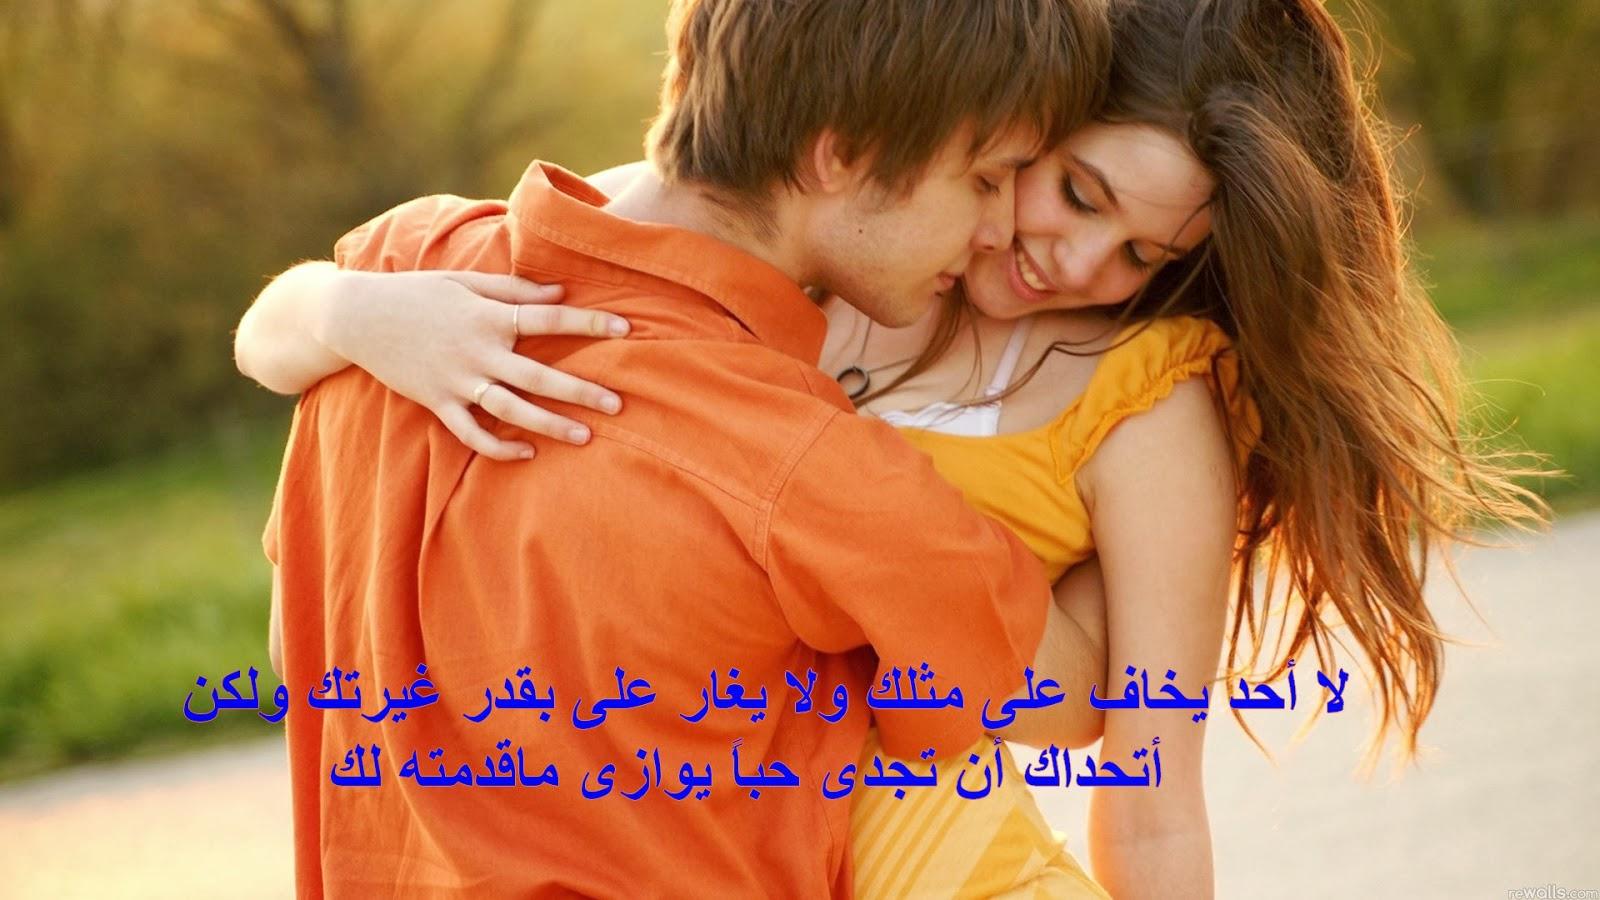 بالصور كلام حلو عن الحب , اروع الصور الرومانسية عليها كلام حب وغرام 3131 4